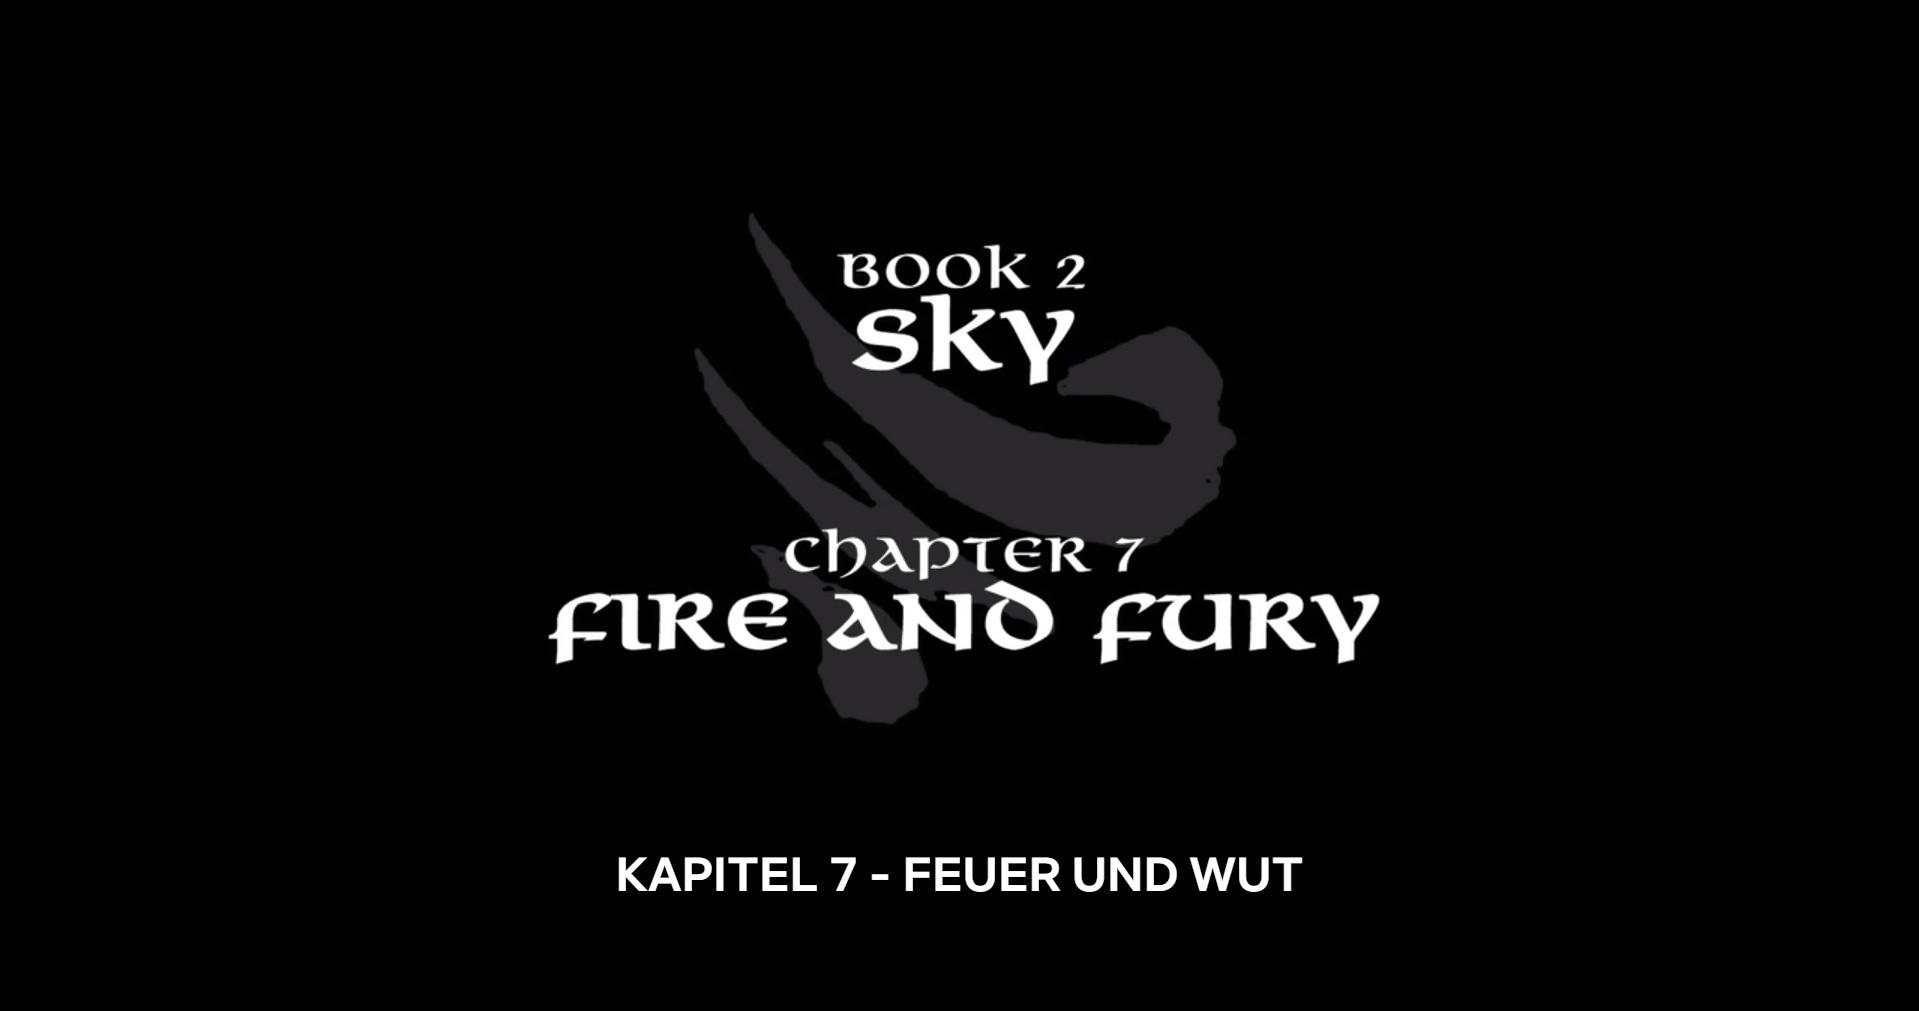 Feuer und Wut